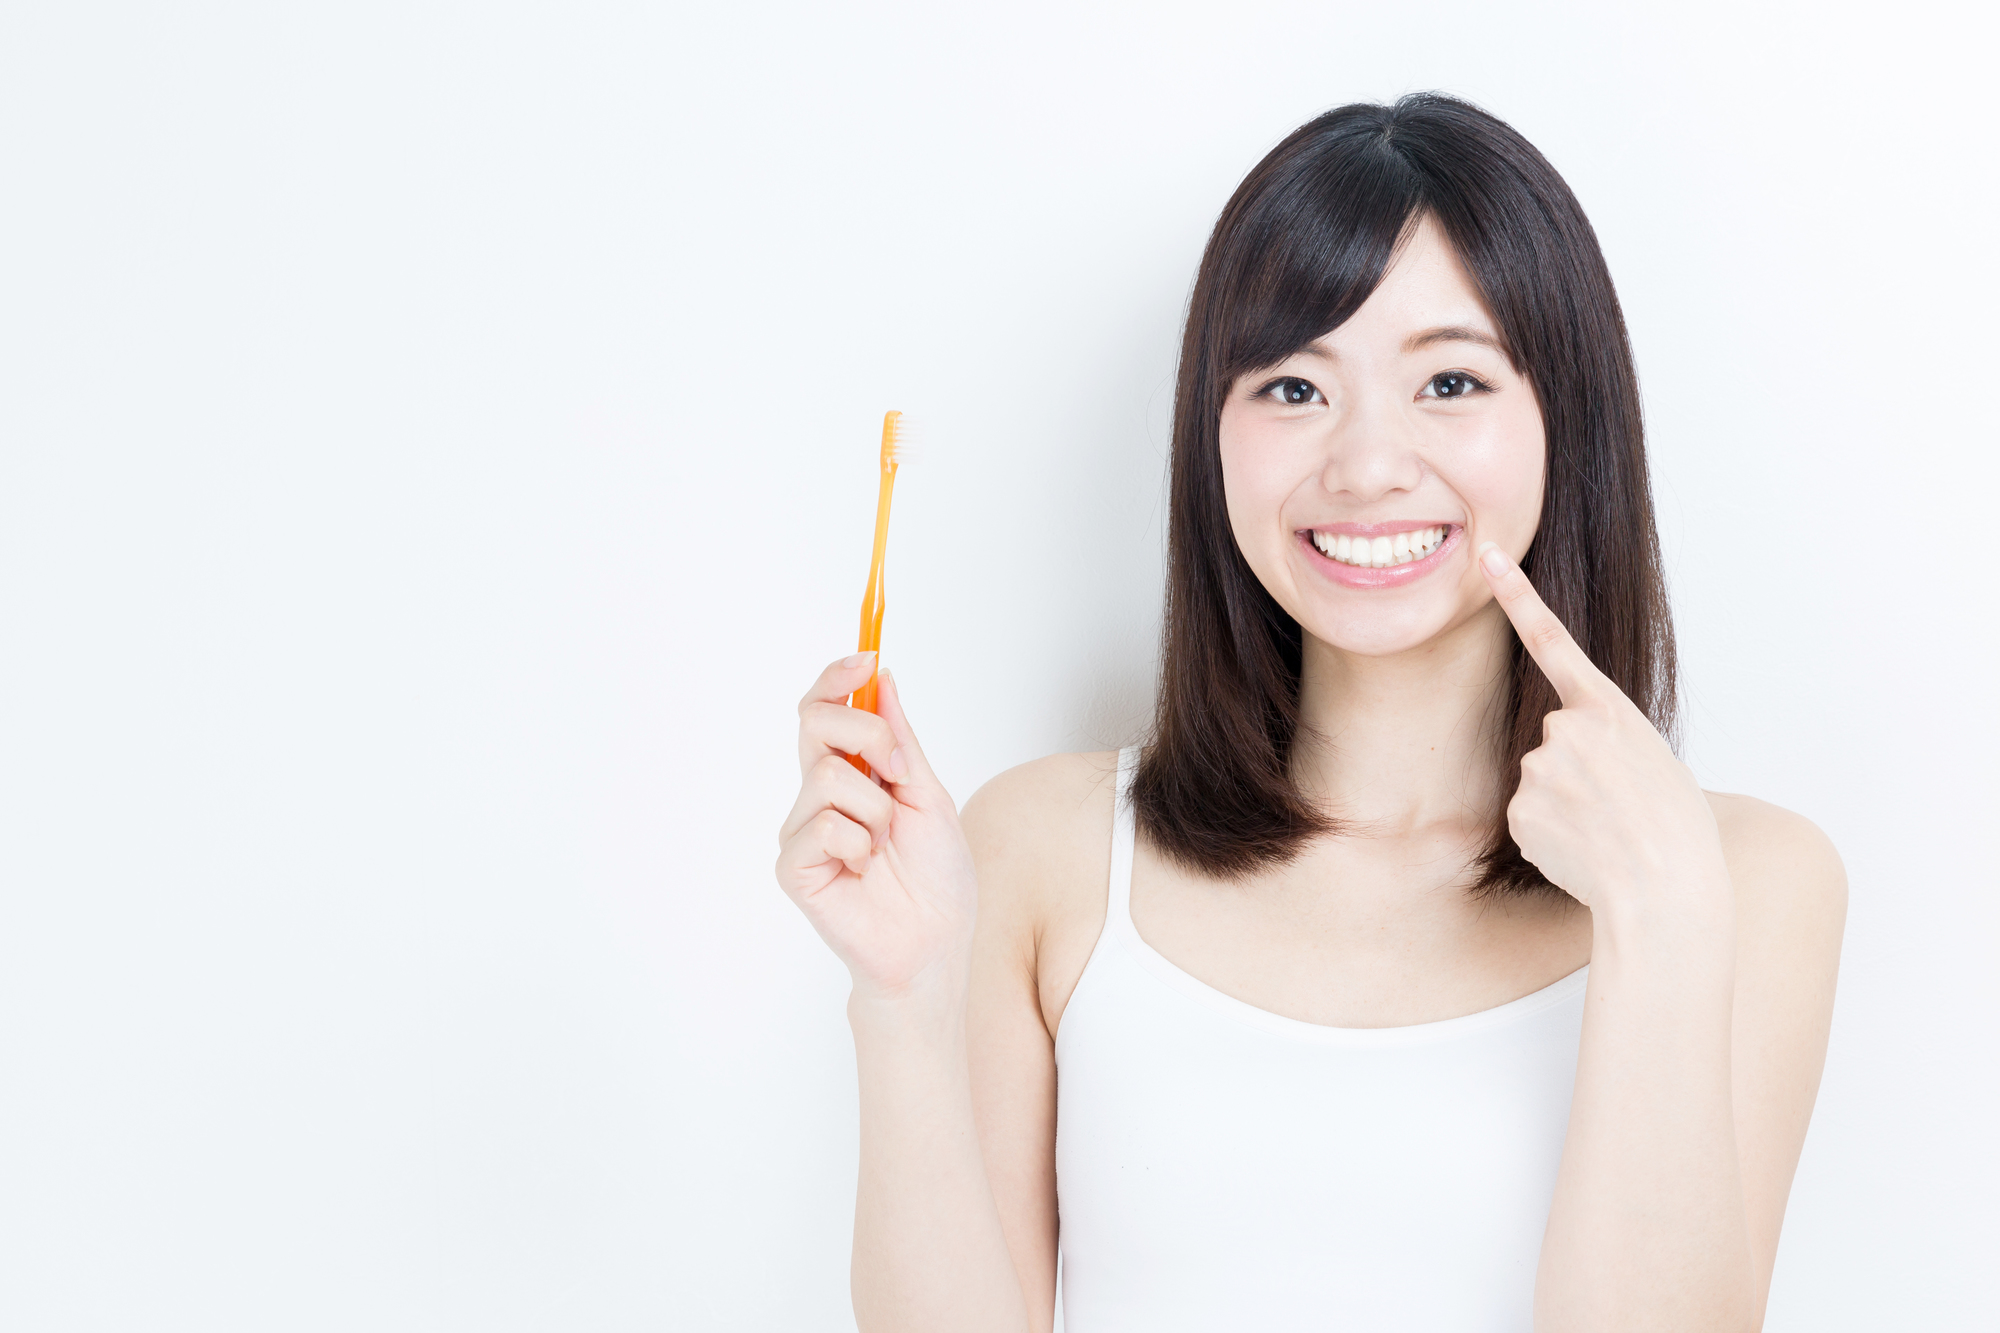 インプラントは自分の歯のように歯磨きができます